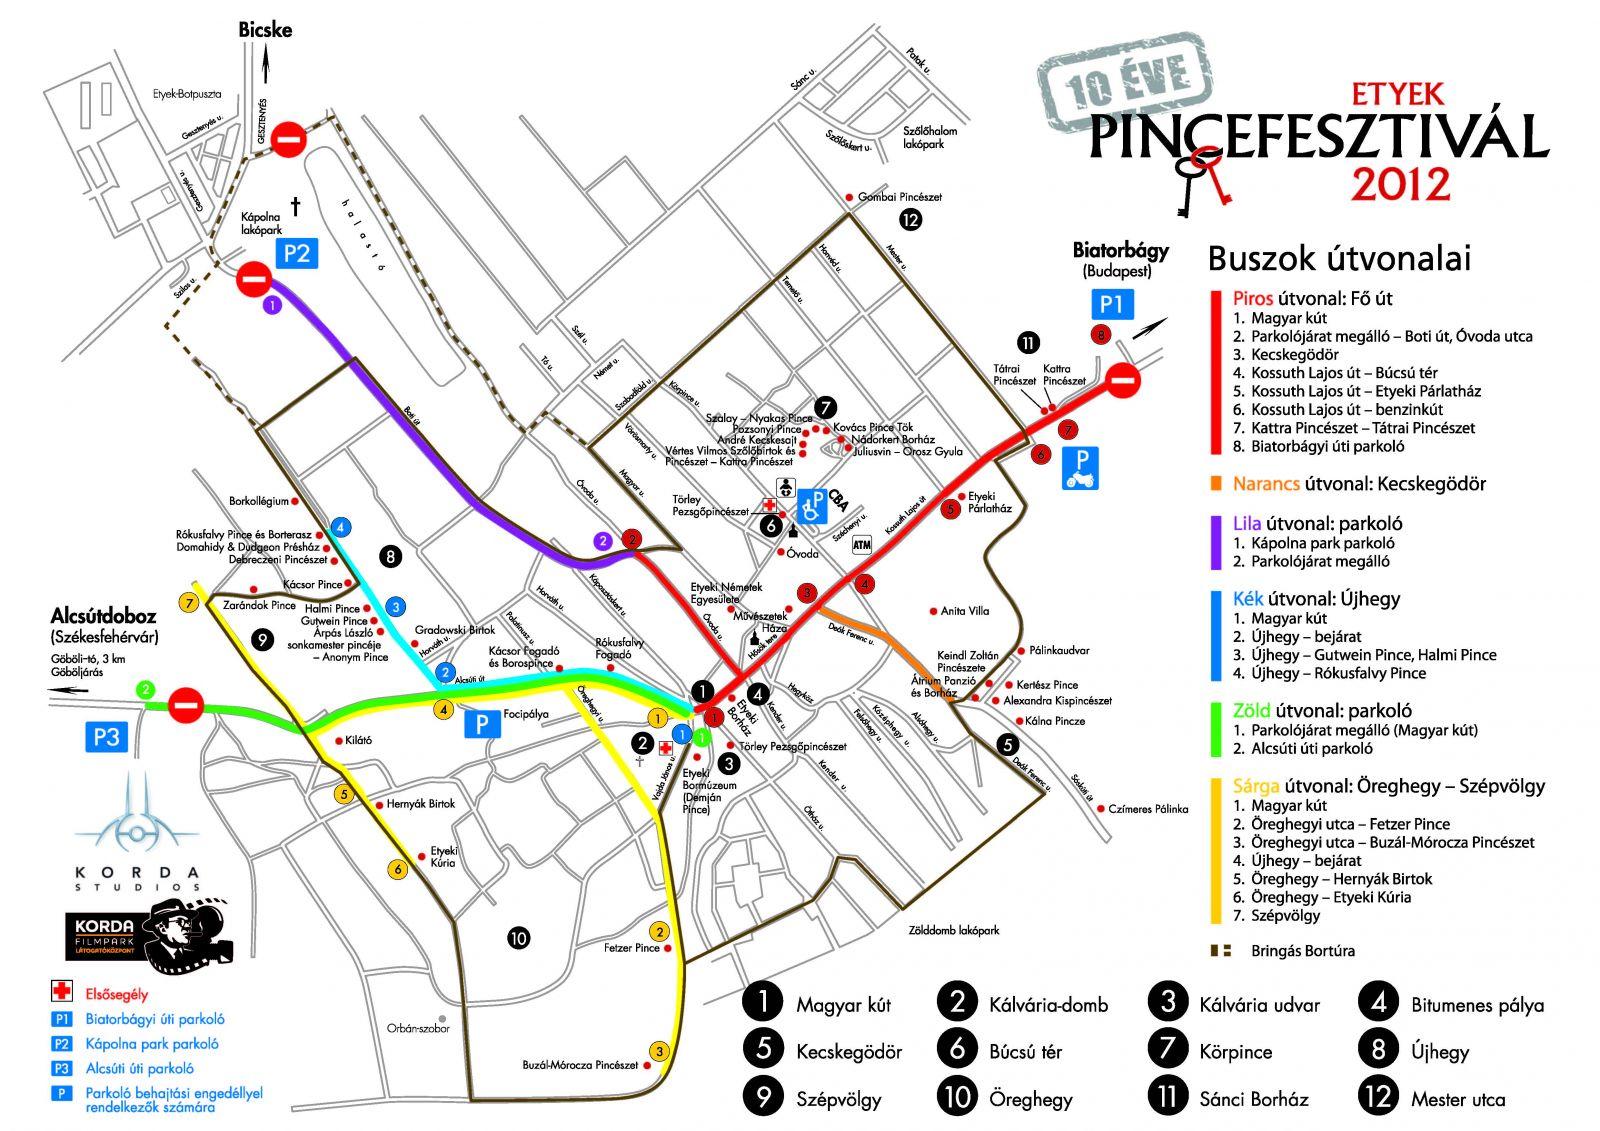 etyek térkép Pálinka rendezvény   Etyeki Pincefesztivál, 2012 etyek térkép